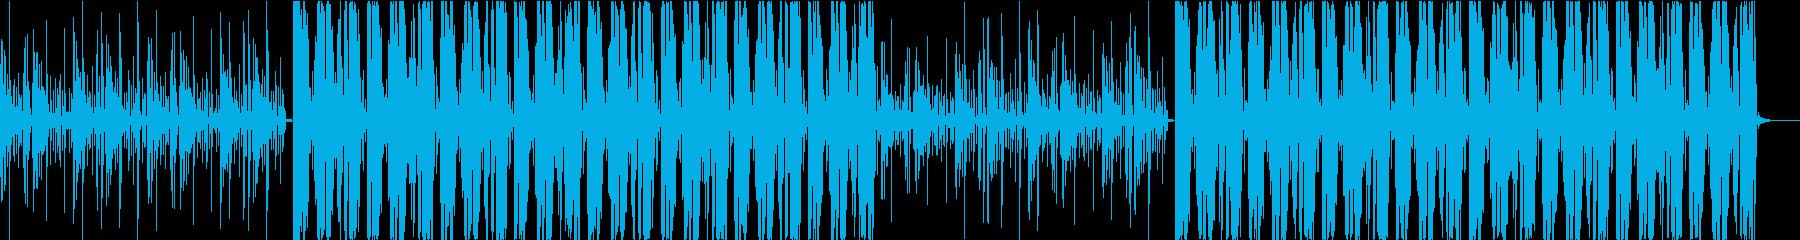 ビートの強いHiphopの再生済みの波形